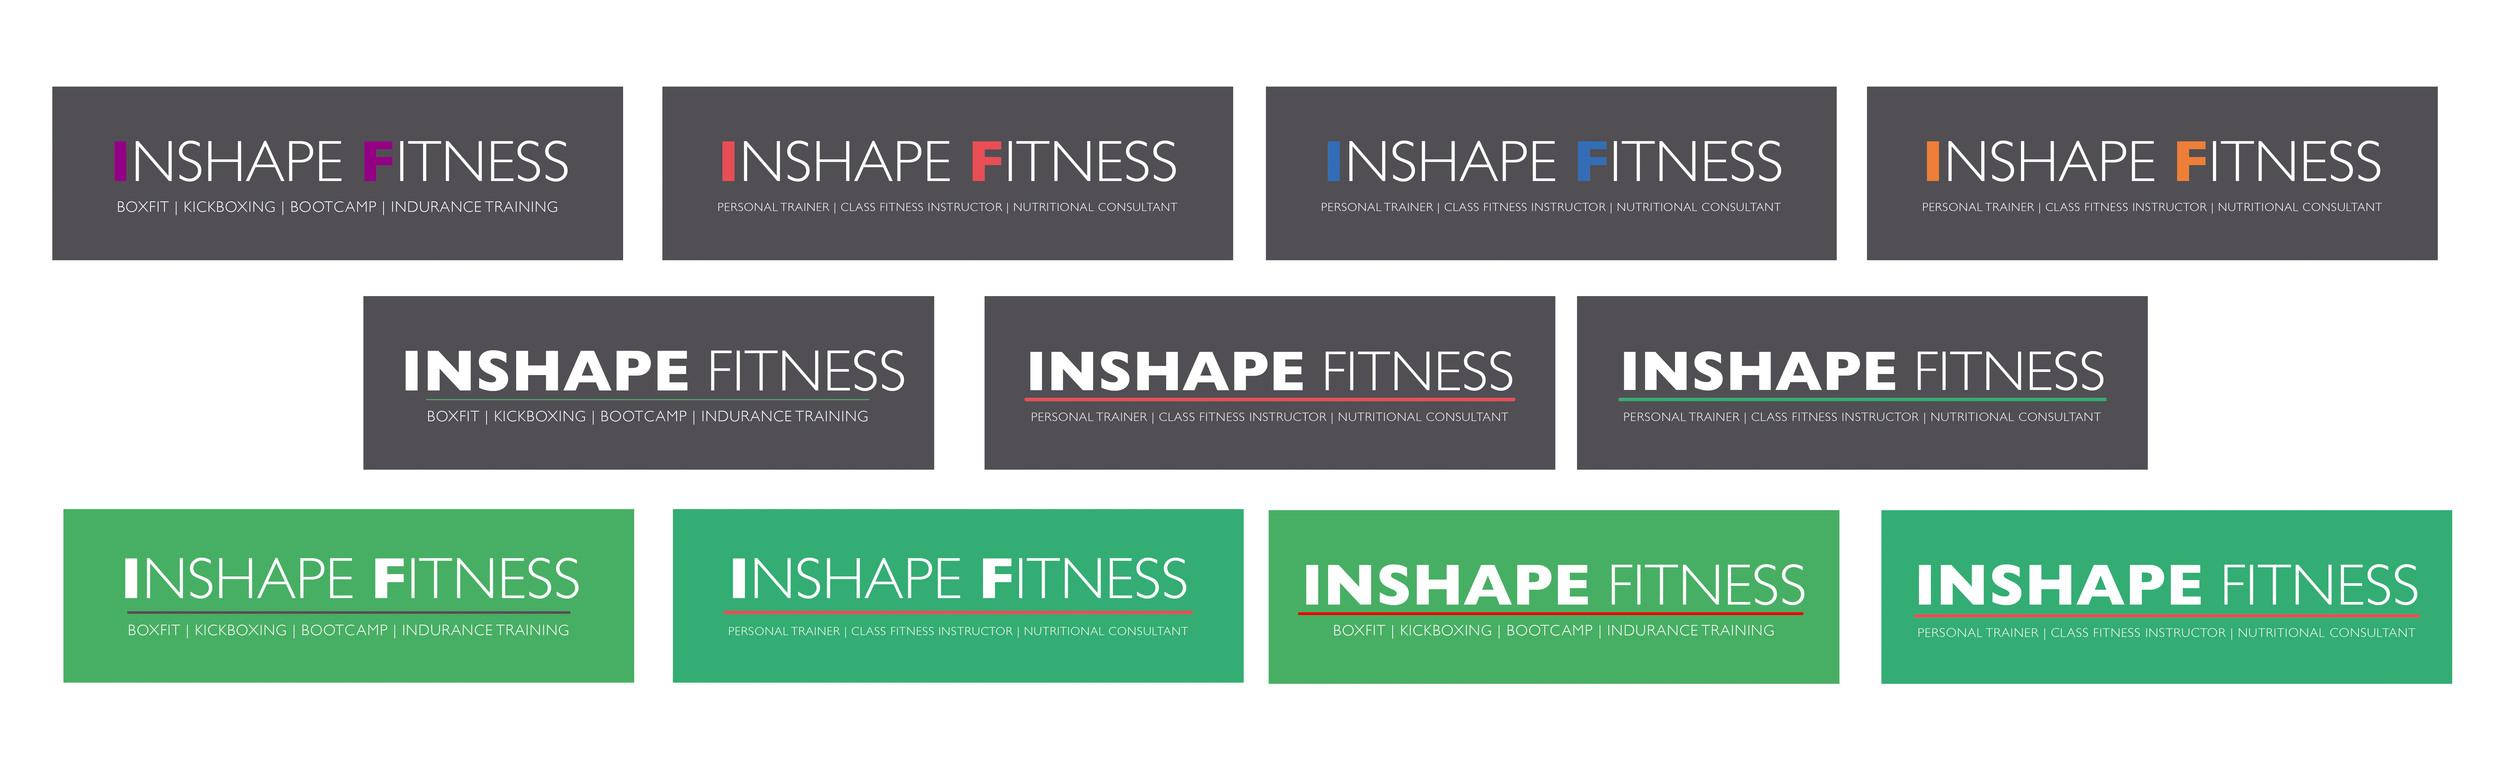 InshapeFitness_Bespoke_logo_Design3.jpg